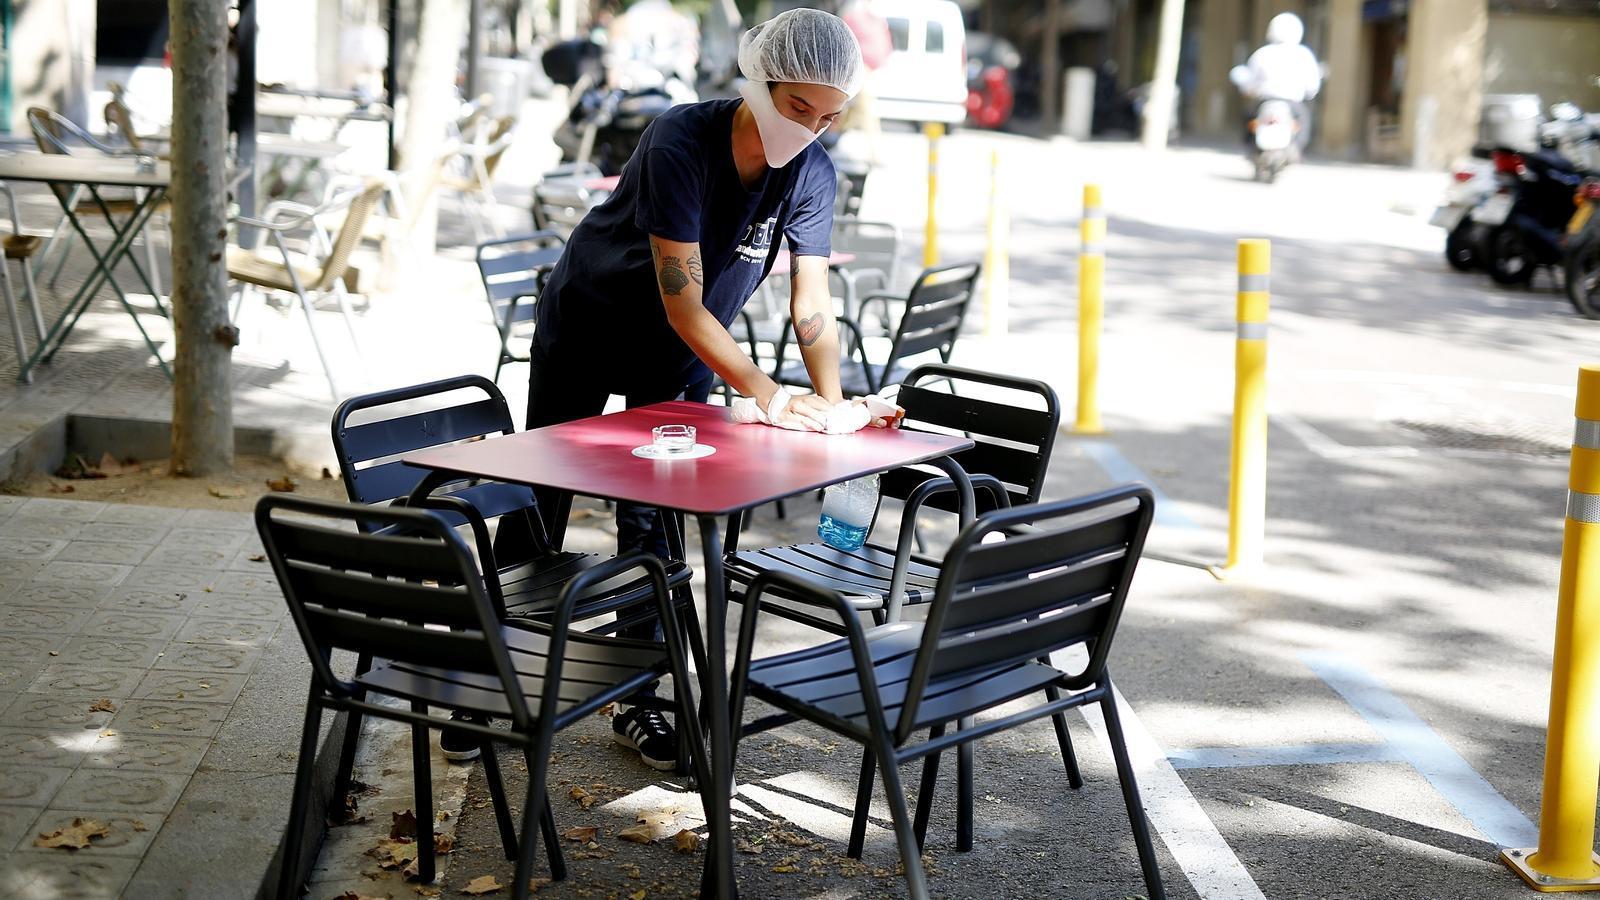 Una terrassa sobre la calçada al carrer Amigó de Barcelona